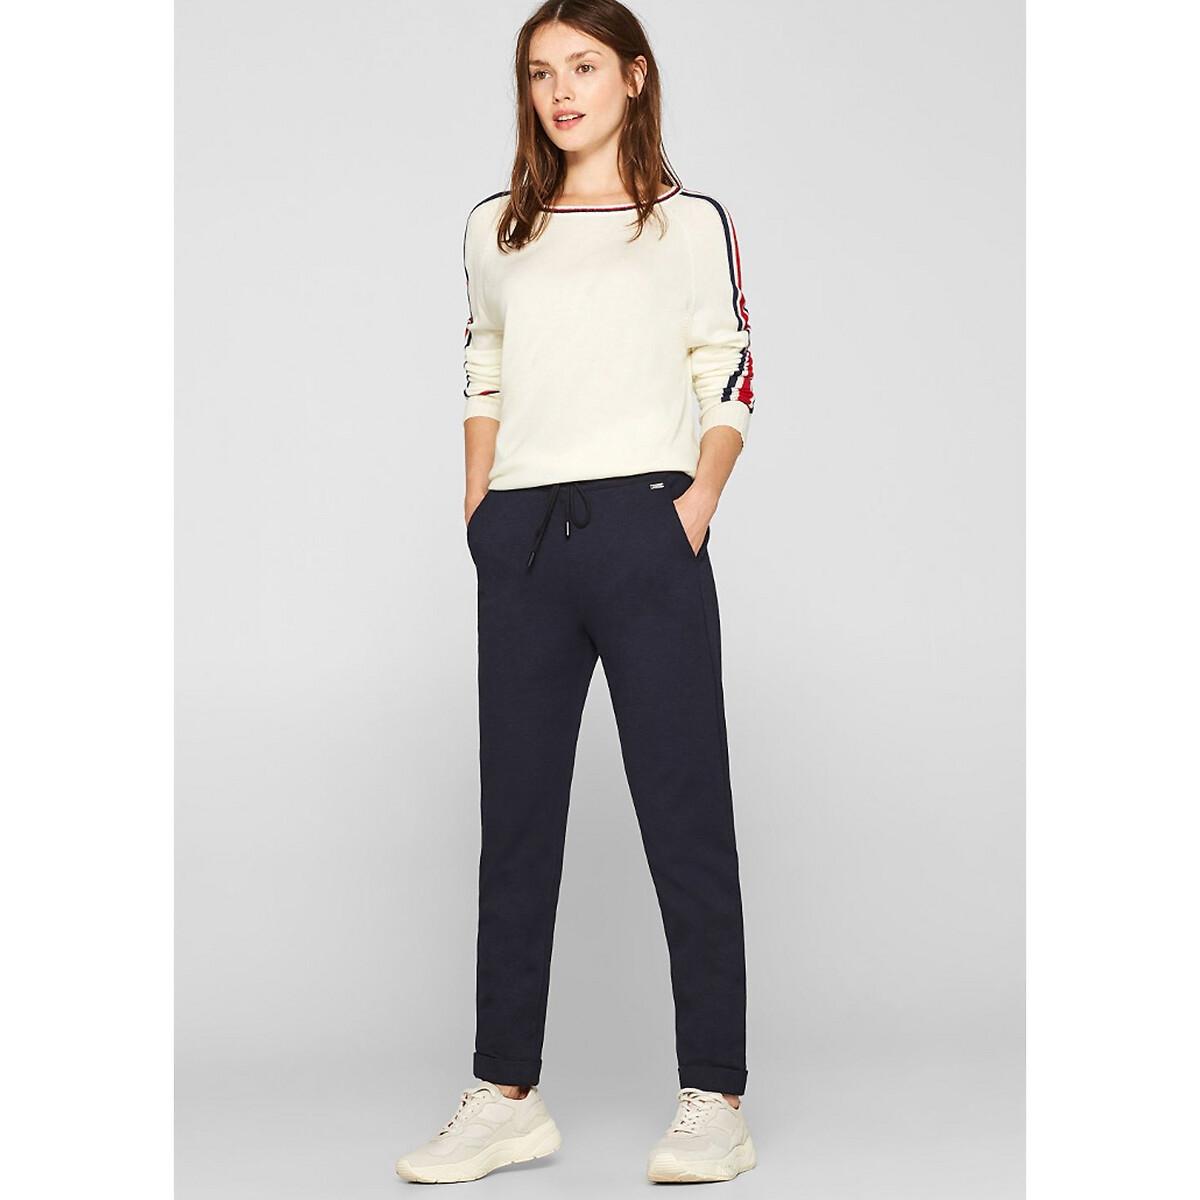 Pantalón recto con cintura elástica, largo 30